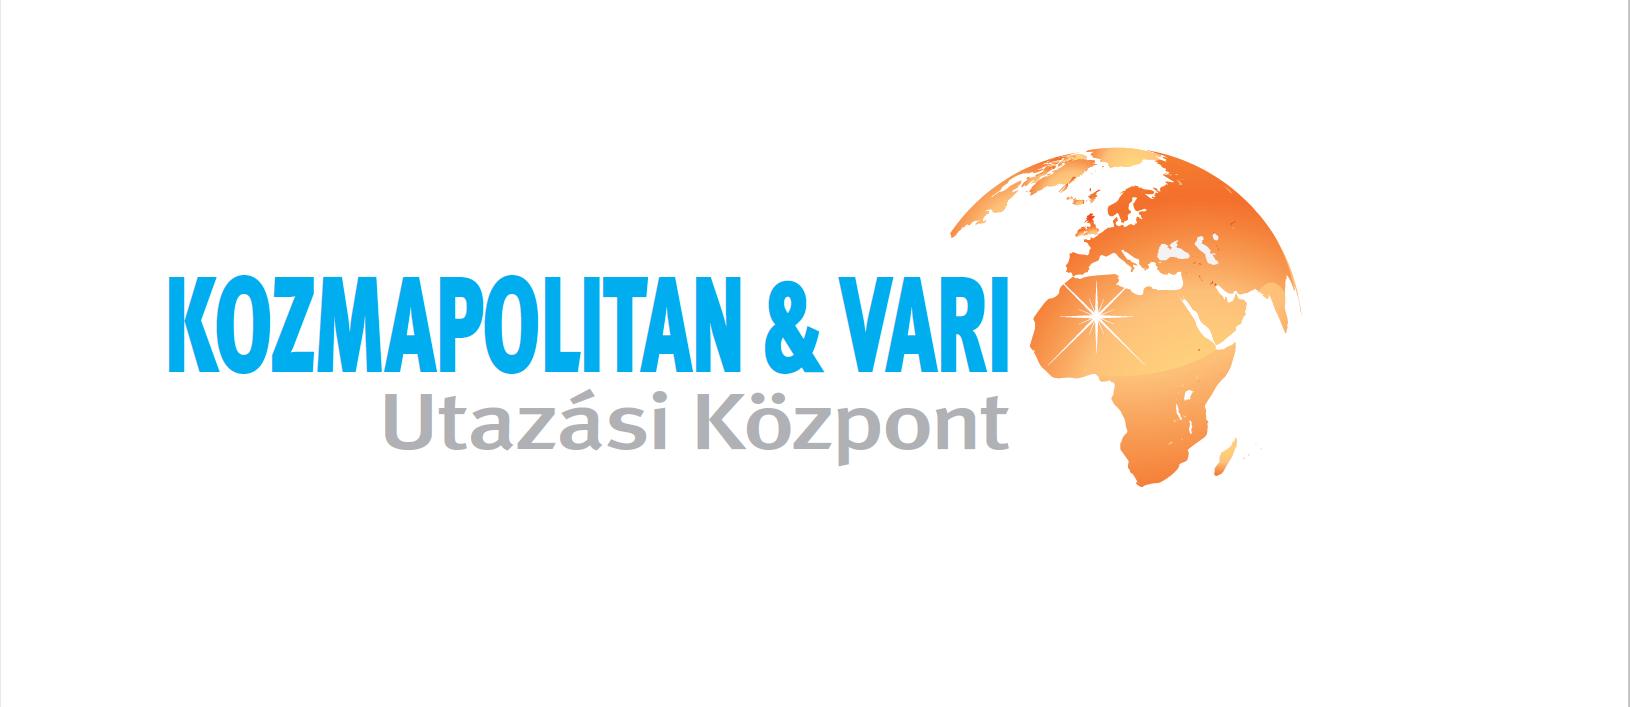 kozmopolitan&varis logo